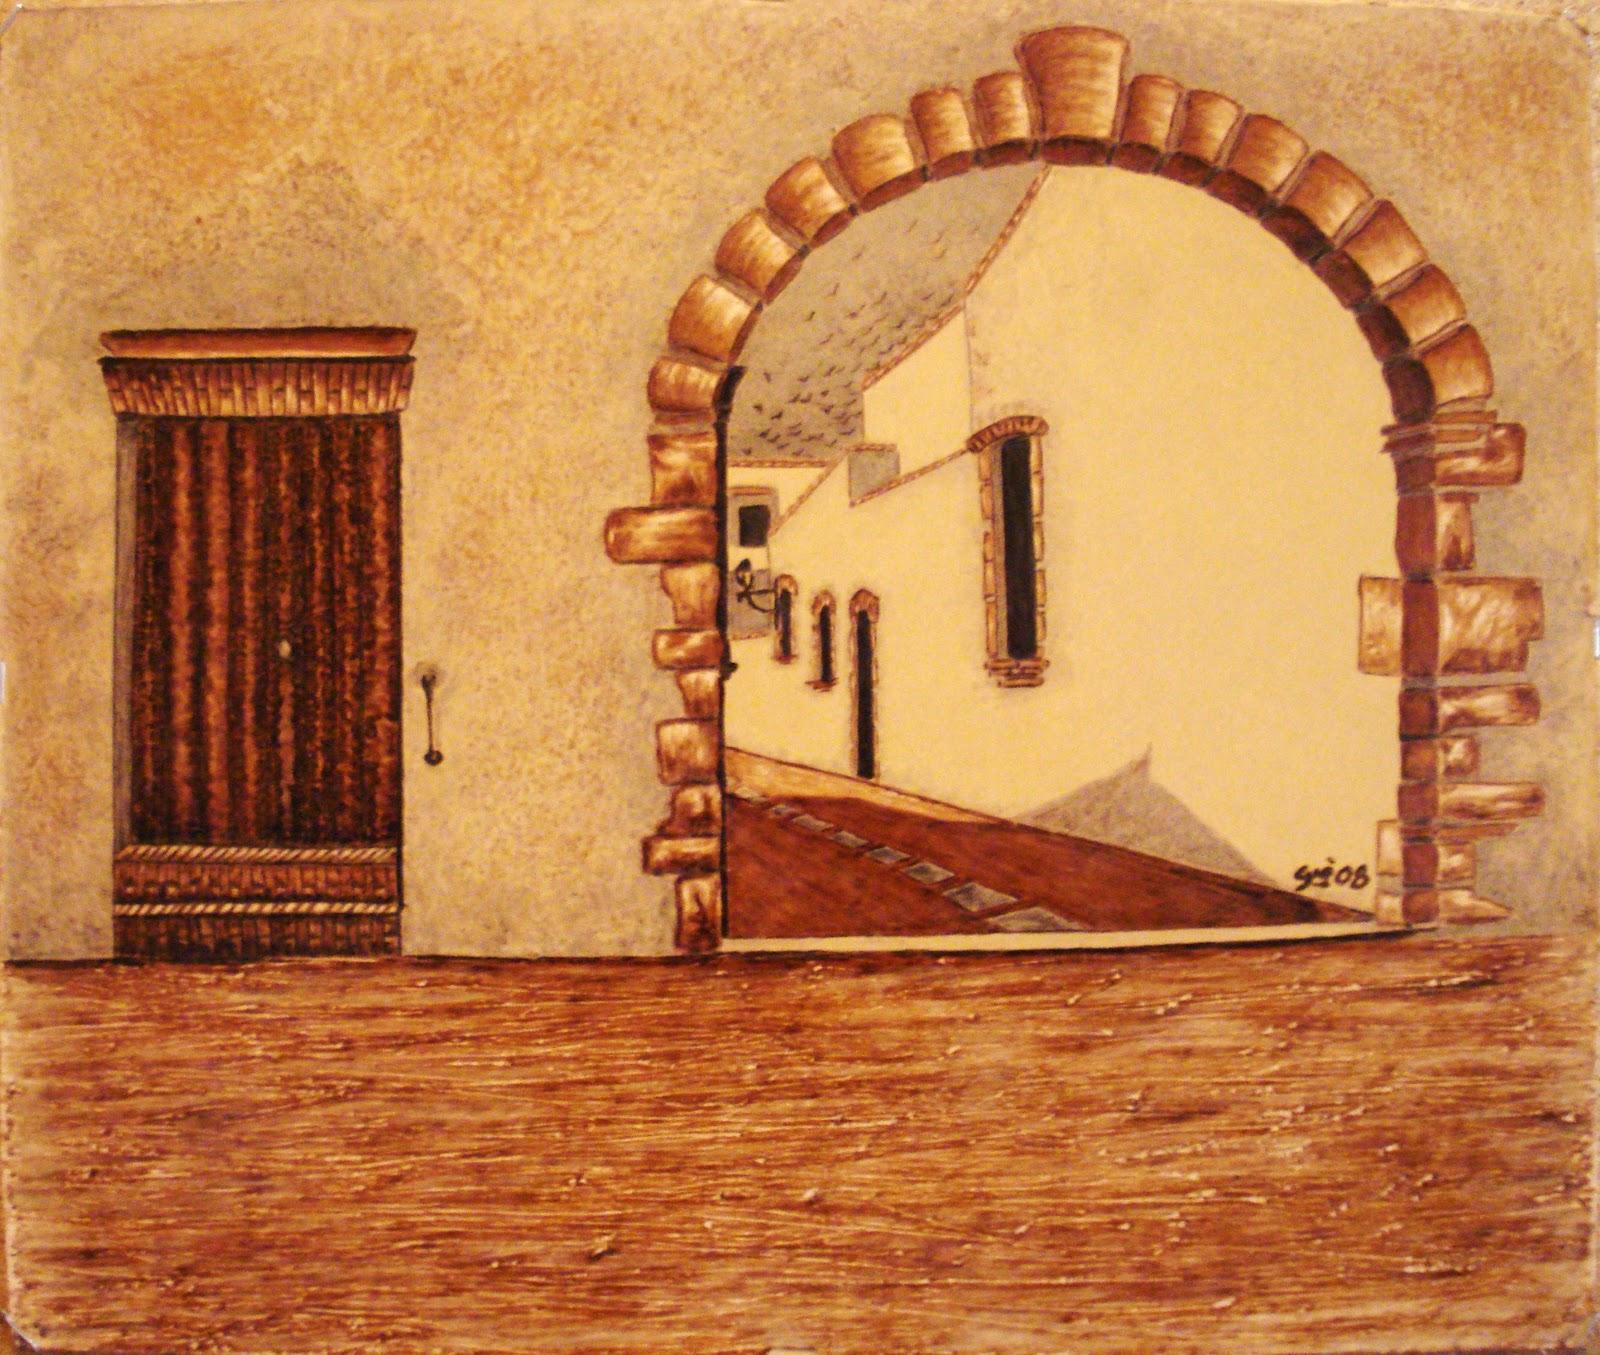 Le pirografie di gi porta ad arco - Porta ad arco ...